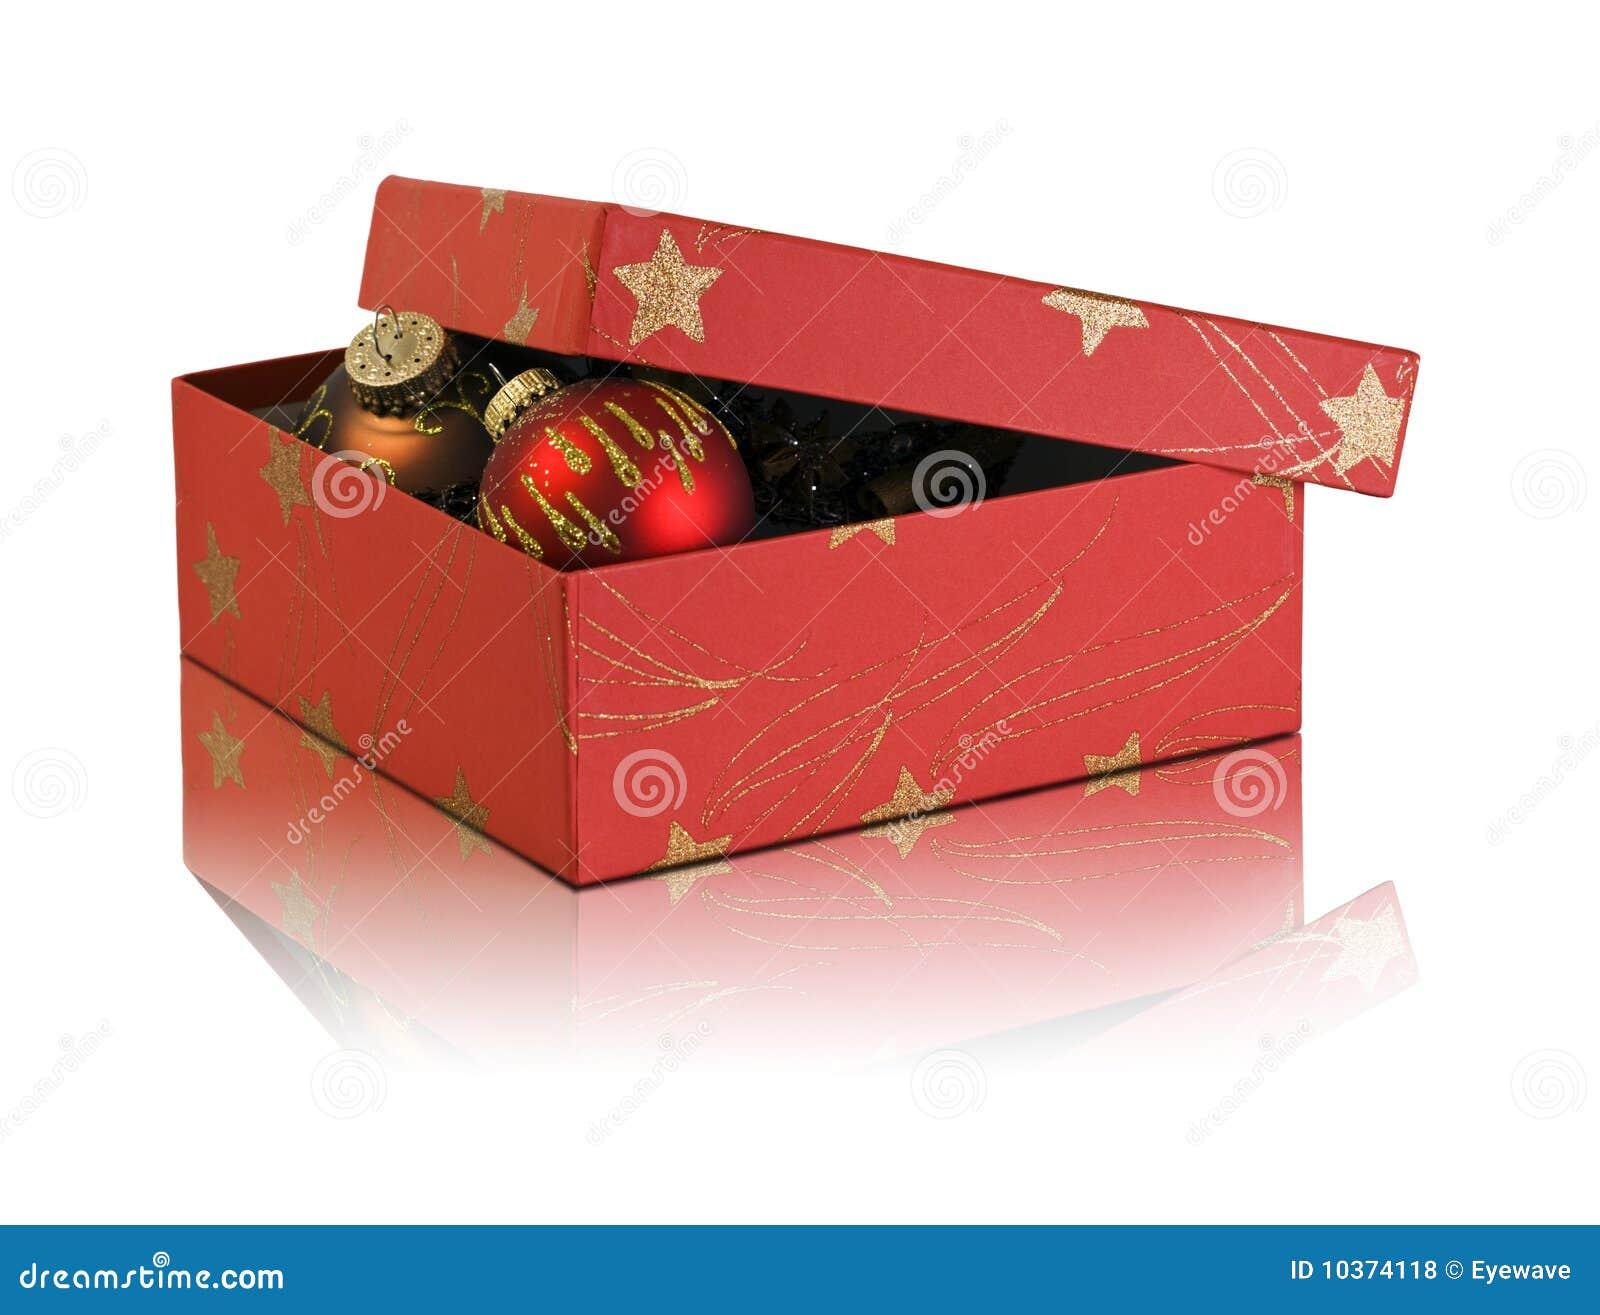 Bo te en carton avec la d coration de no l photo stock - Decorer boite carton pour anniversaire ...